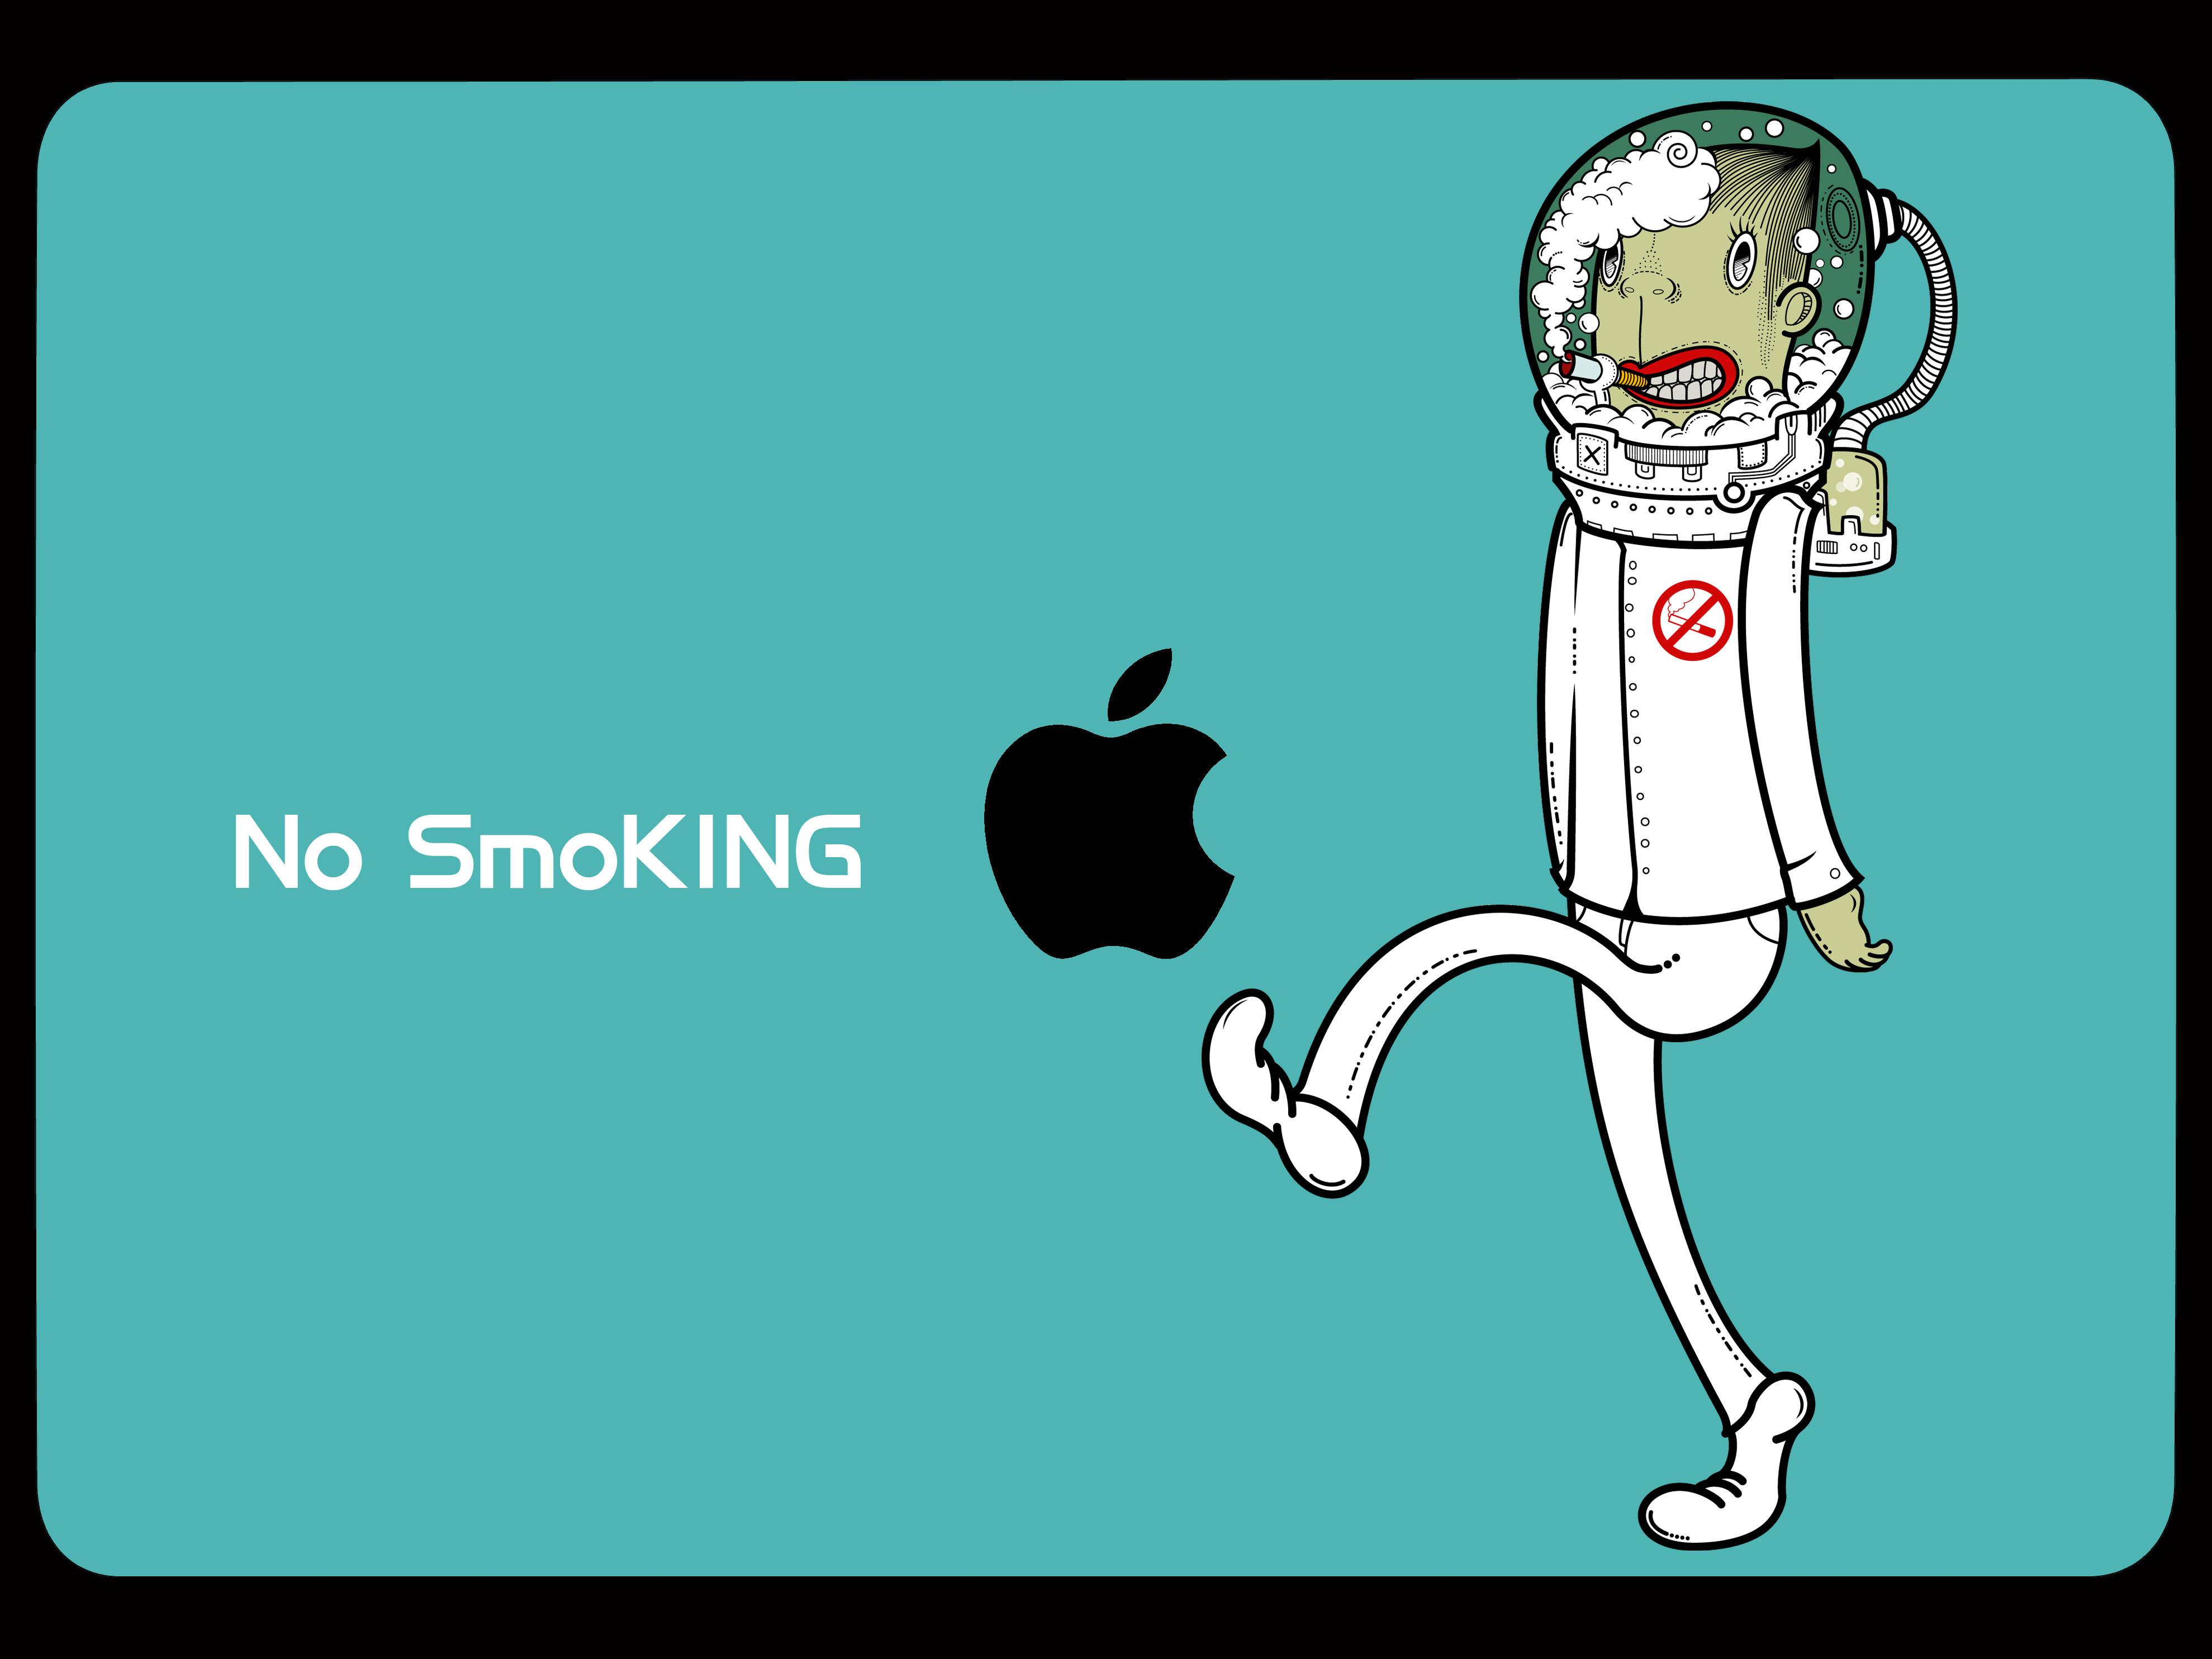 戒烟创意海报手绘